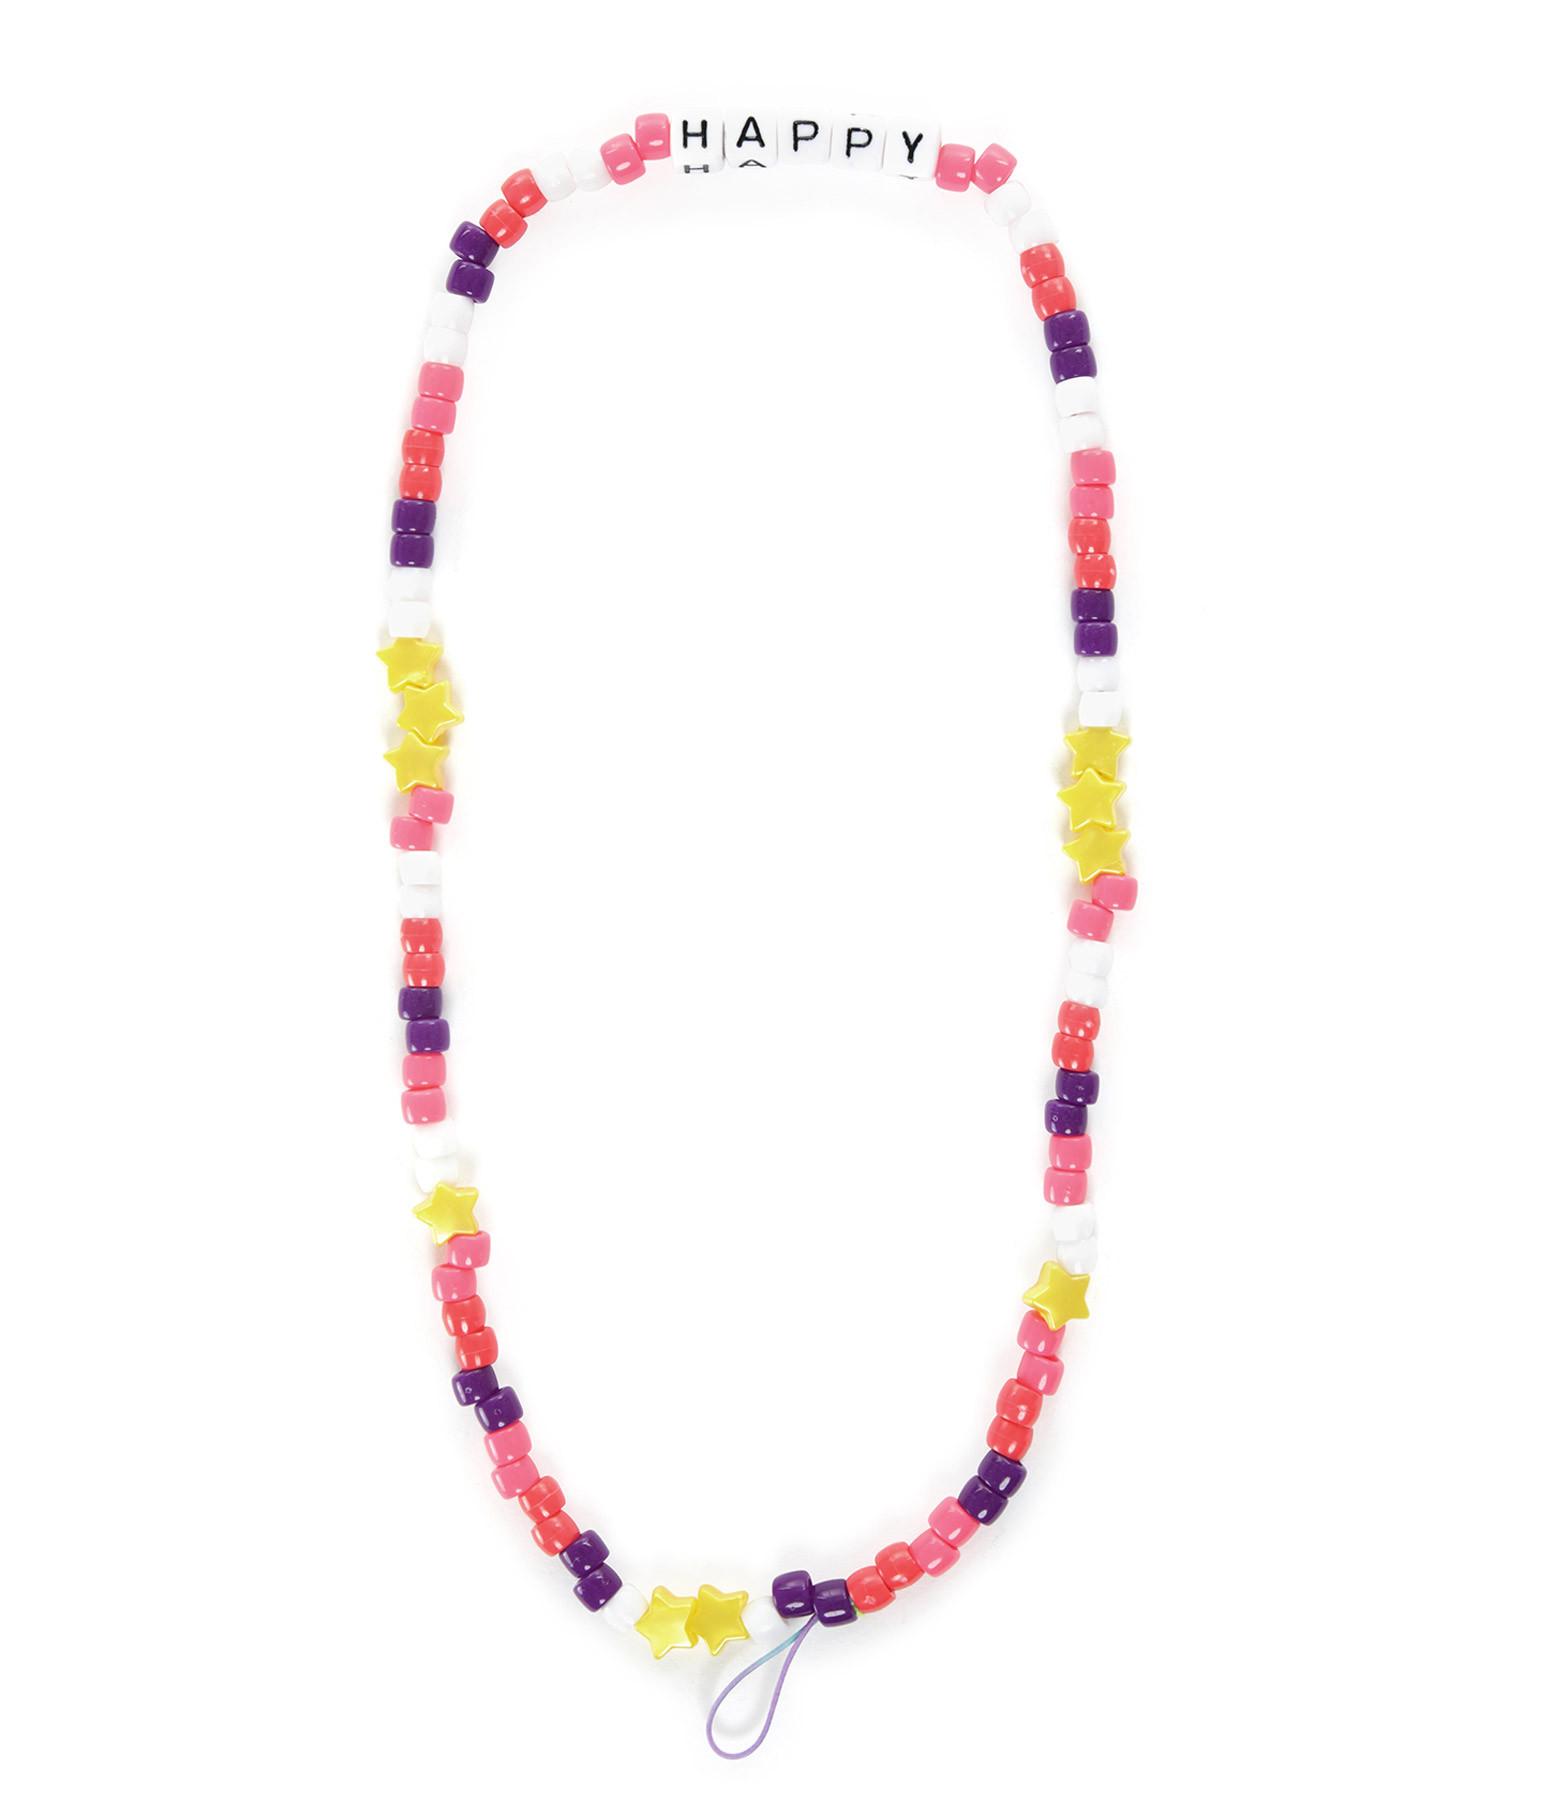 LAUREN RUBINSKI - Bijoux de Téléphone Love Beads HAPPY